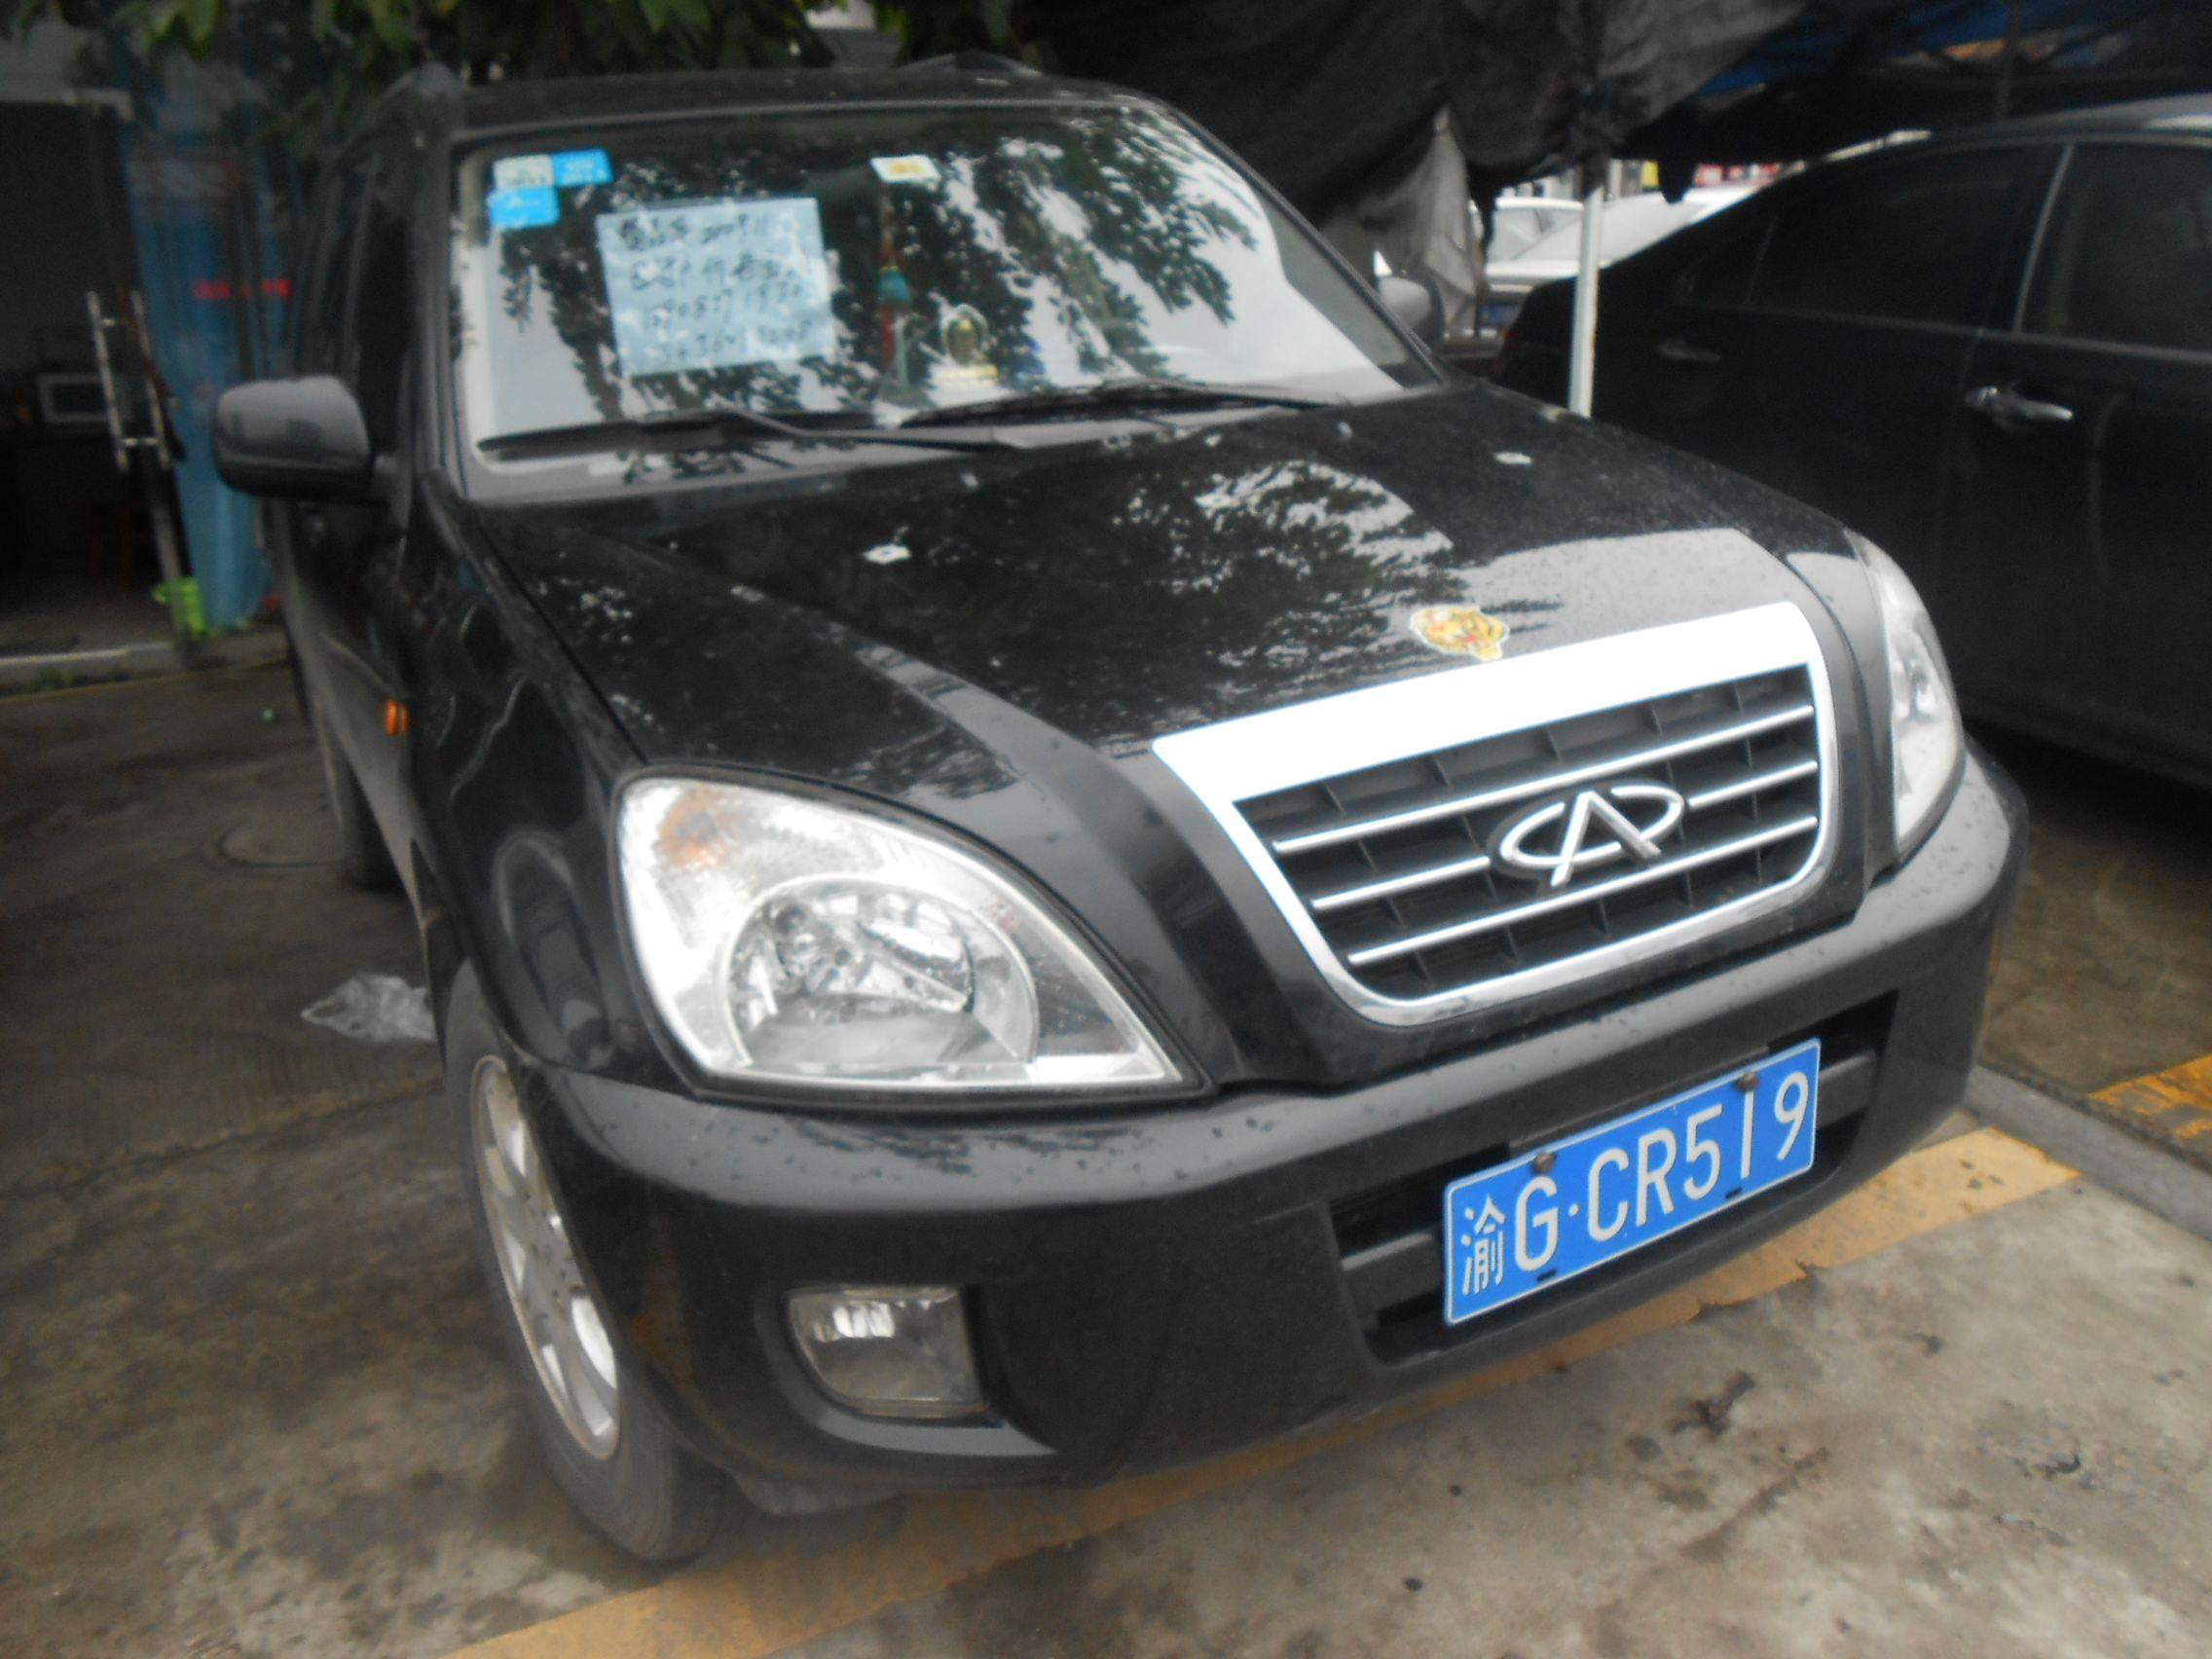 2009年02月奇瑞汽车 瑞虎 重庆南岸区 2009年 瑞虎高清图片